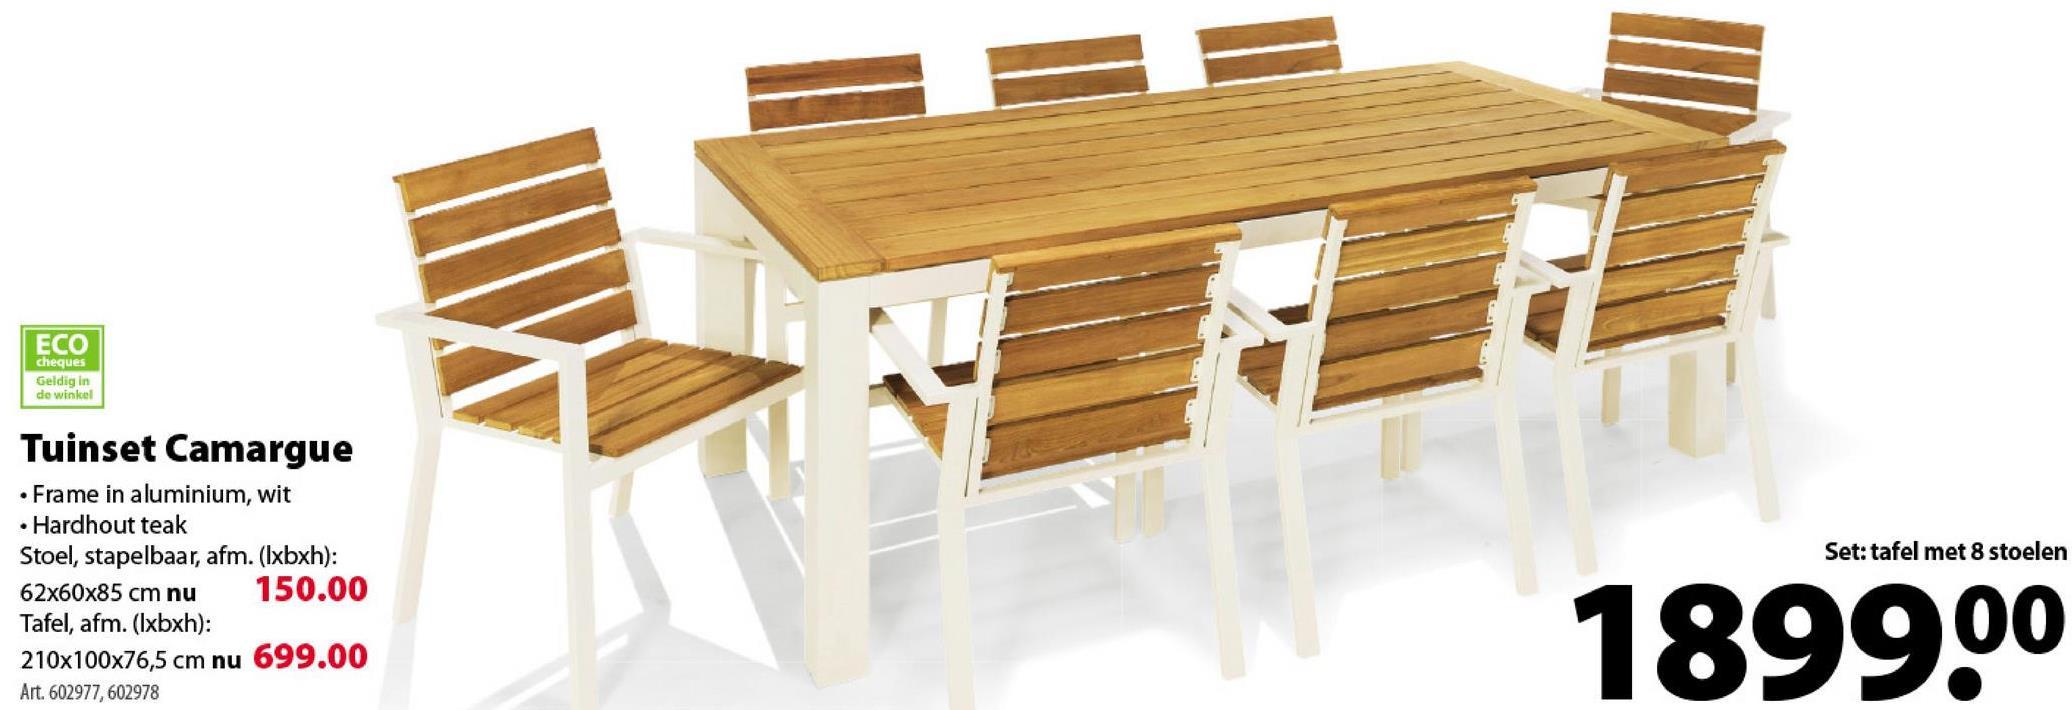 Camargue stoel De stoel Camargue verenigt 2 unieke materialen, waardoor dit tuinmeubel er tegelijkertijd authentiek en modern uitziet. Het frame is gemaakt van aluminium in de kleur wit, het zitvlak en rugvlak van duurzaam hardhout. Combineert perfect met de gelijknamige tafel.